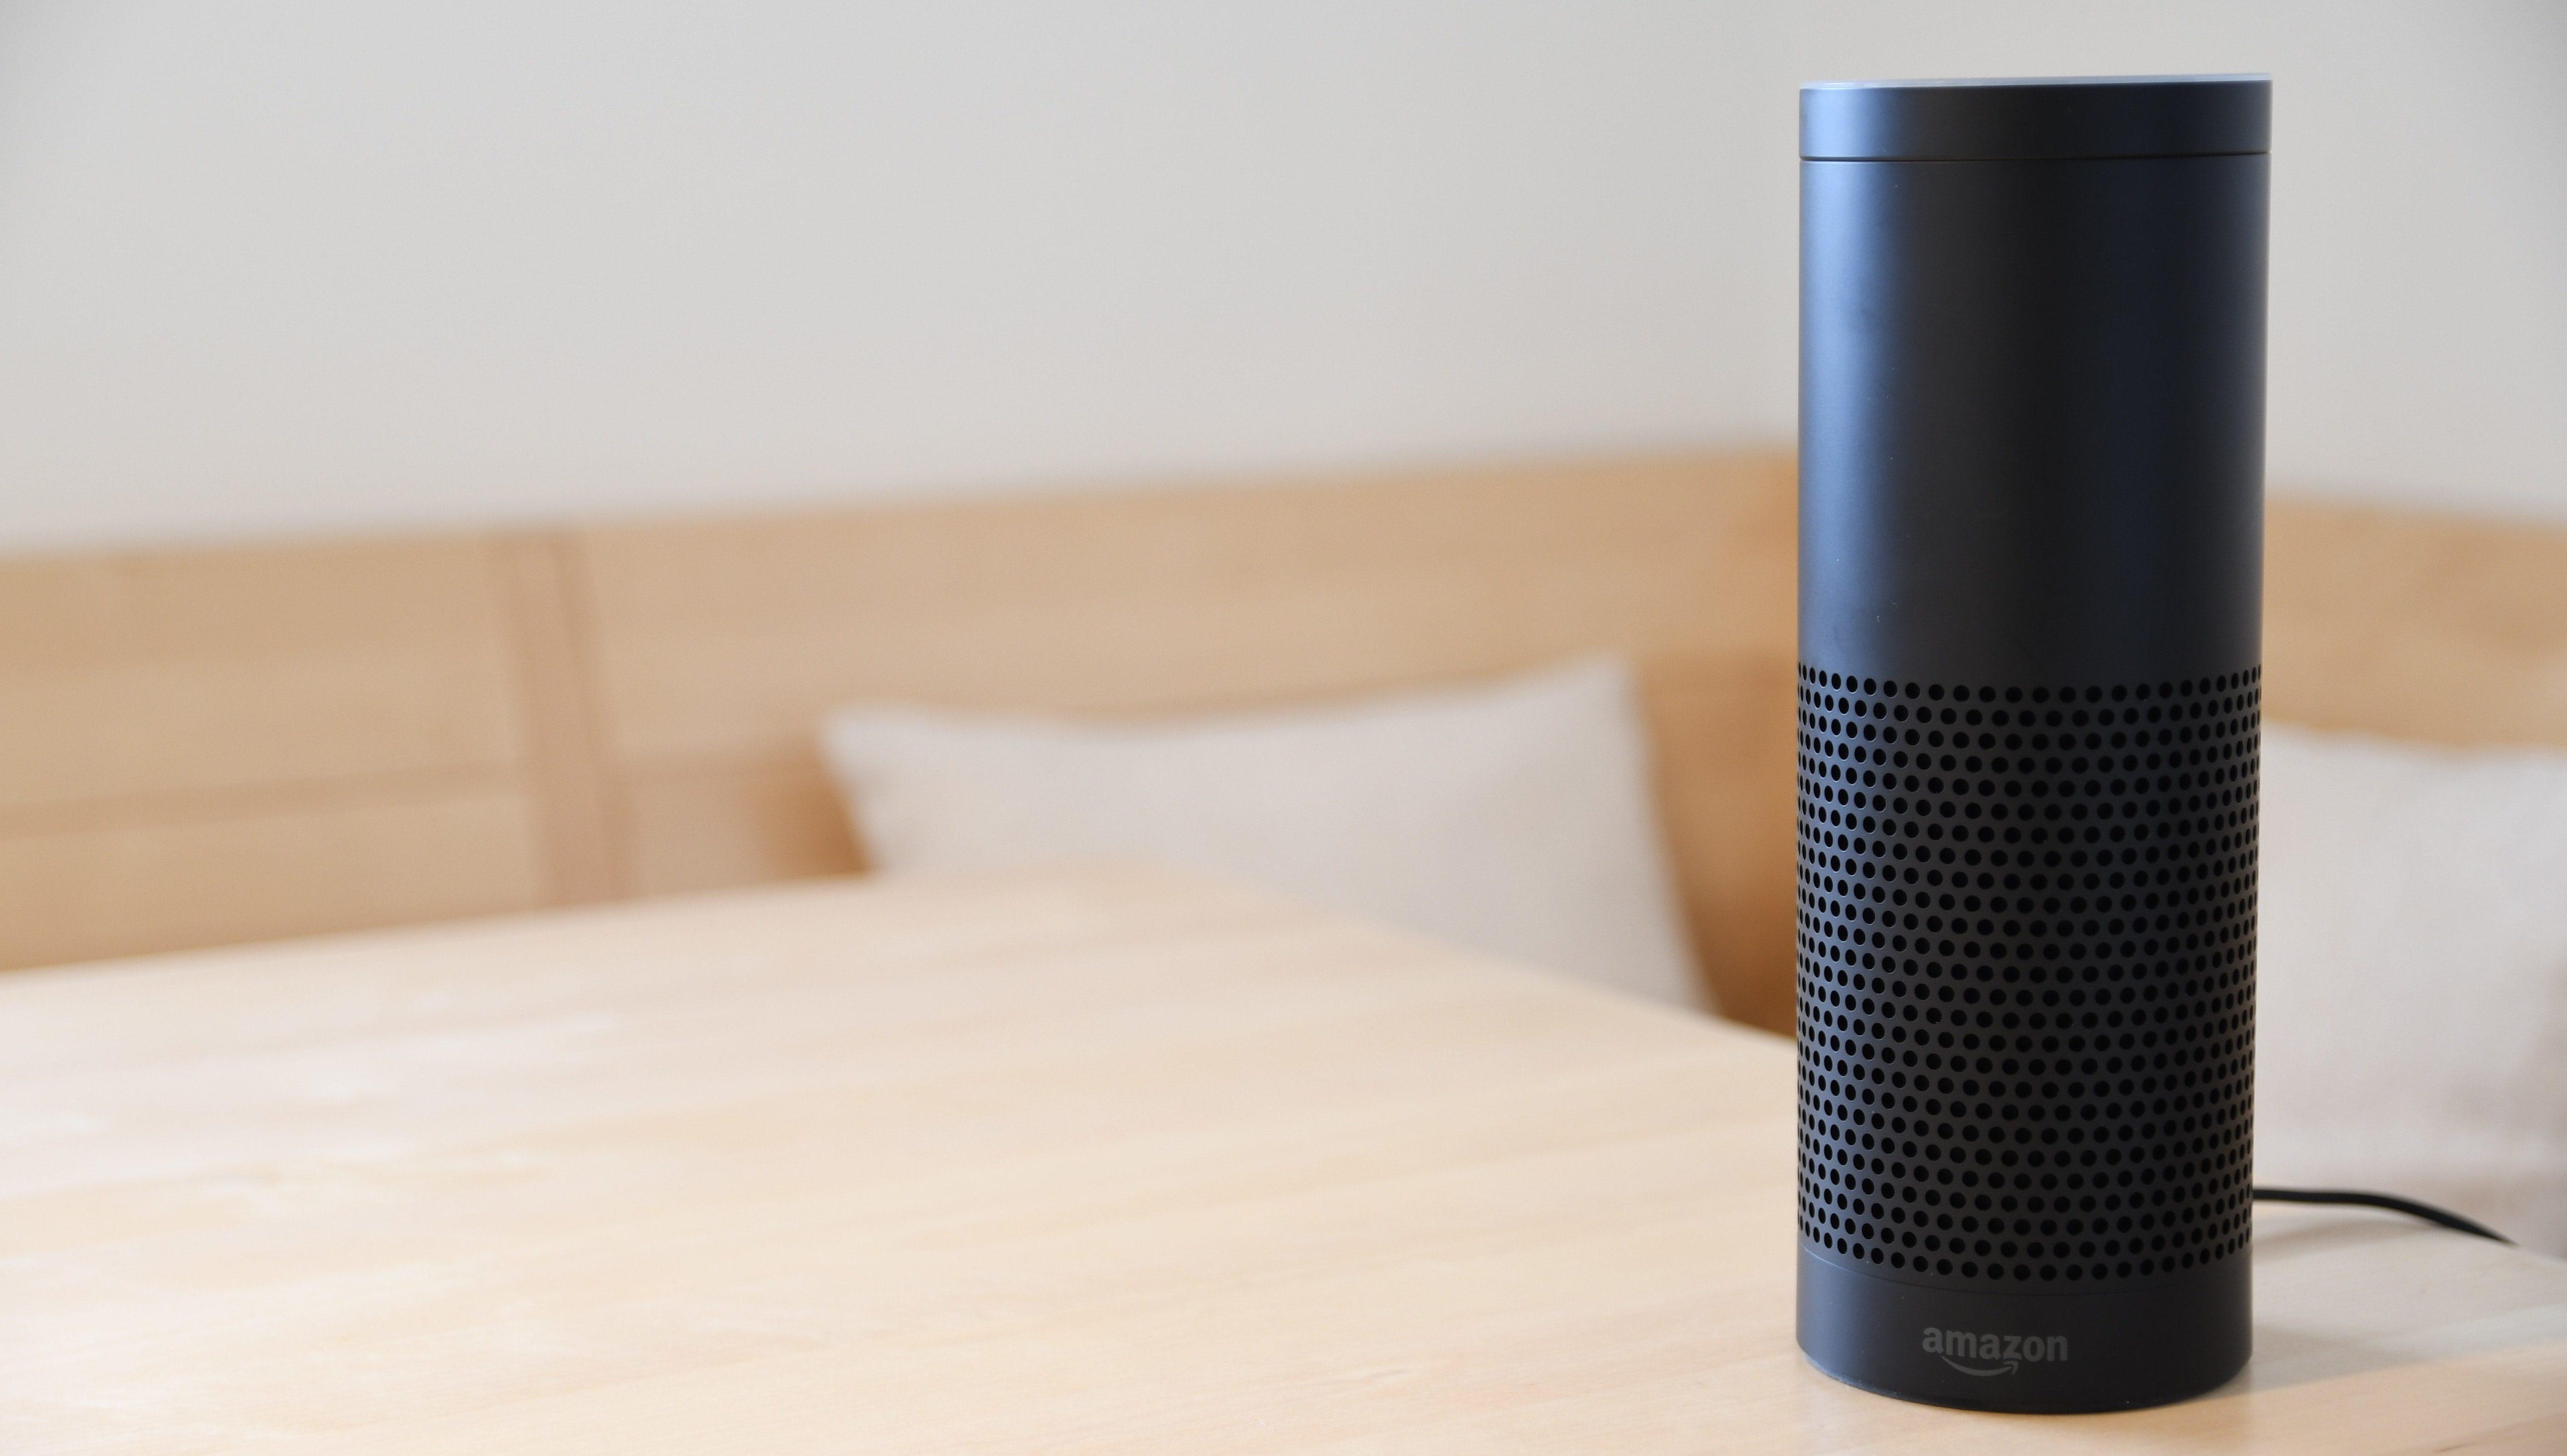 Google zittert vor Amazons Alexa